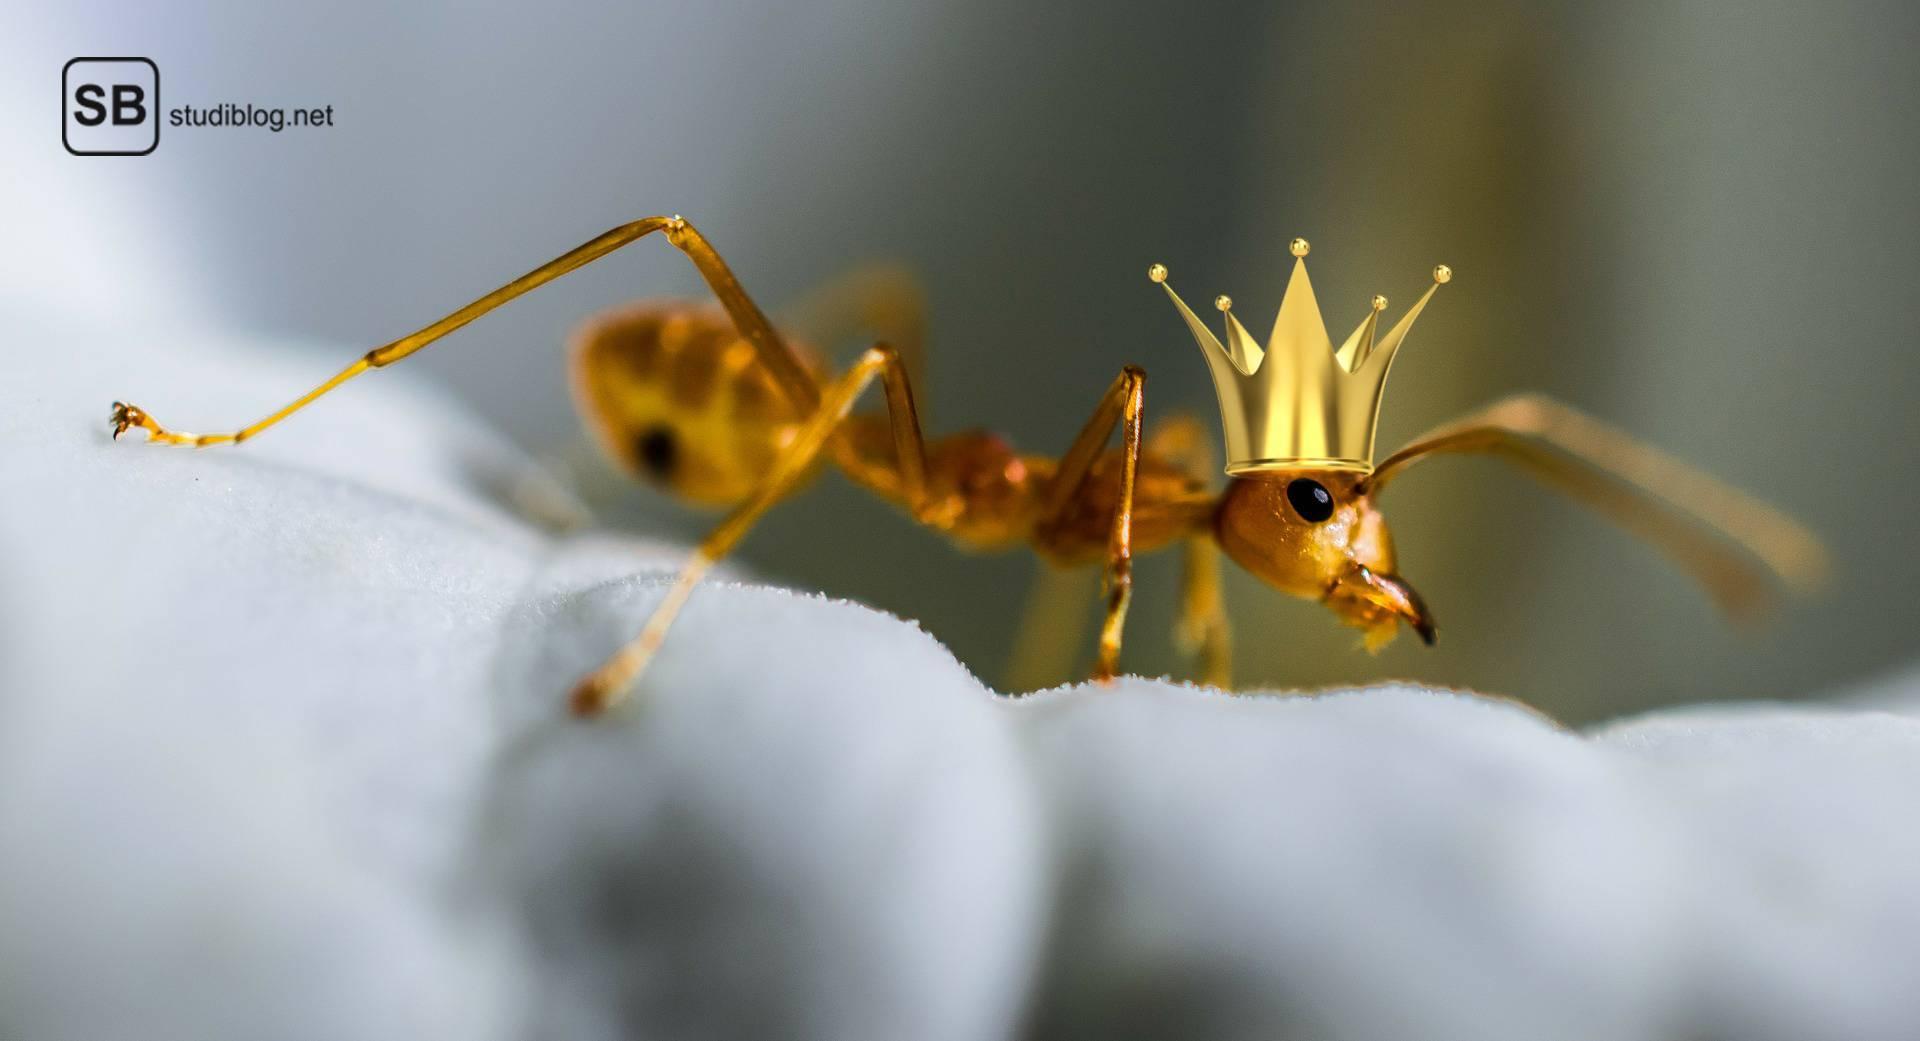 Wenn Prokrastiantion zu weit geht und man sich plötzlich als König der Ameisen wieder findet nur weil ein Keks auf dem Tisch lag